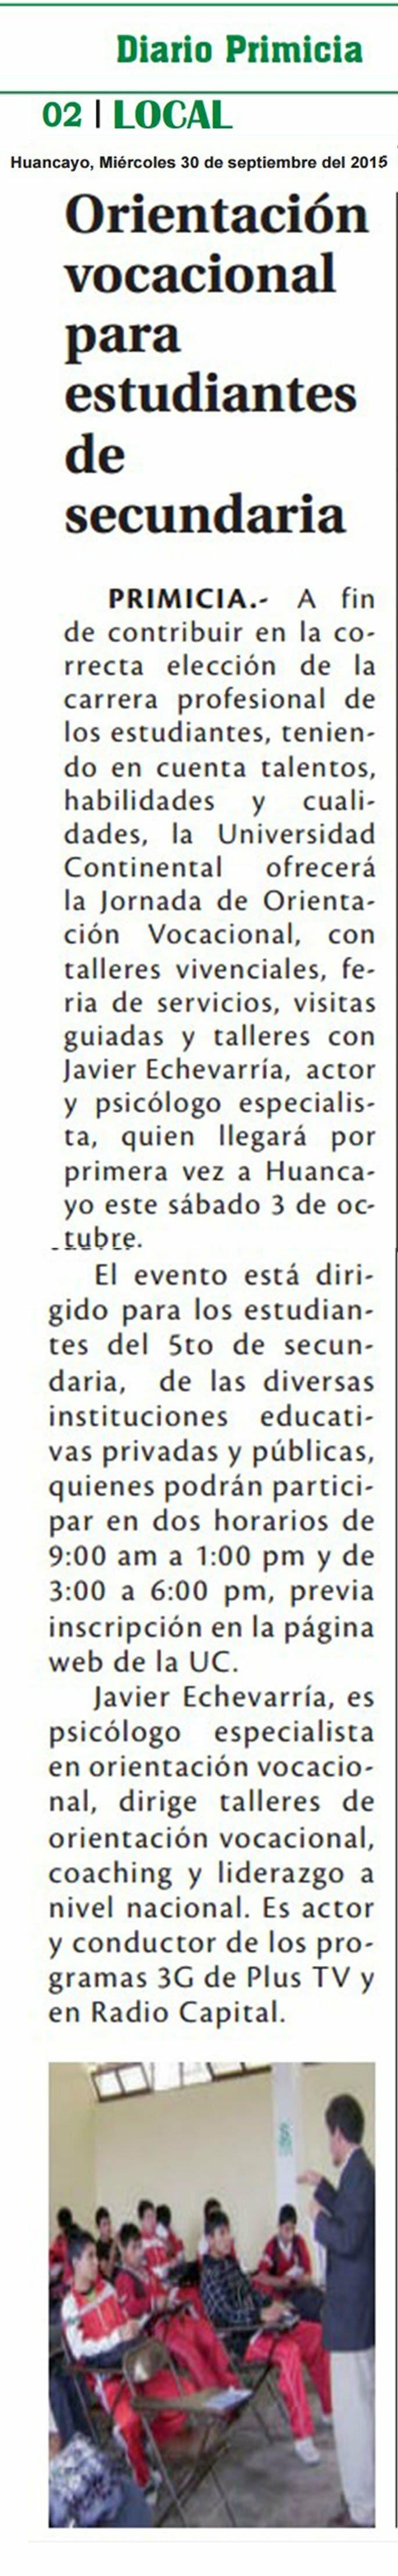 30 SET- CORREO-  ORIENTACION VOCACIONAL PARA ESTUDIANTES DE SECUNDARIA 1